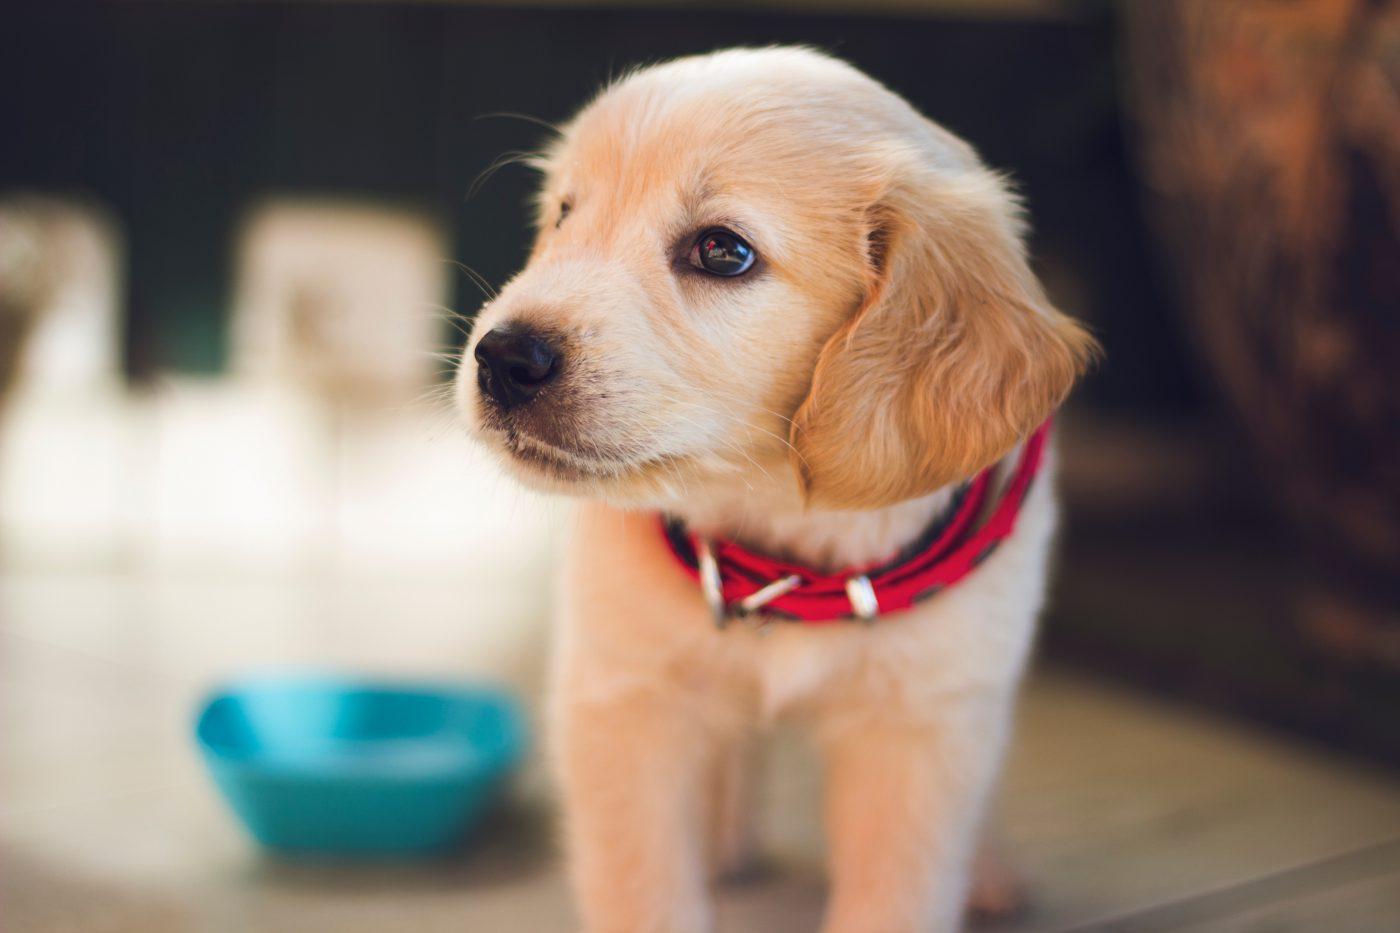 Na zdjęciu jest widoczny pies z odczuwający silny dyskonfort wywołany świądem. Może to być przyczyną Infekcji skórnej o podłożu bakteryjnym, grzybiczym lub pasożytów.